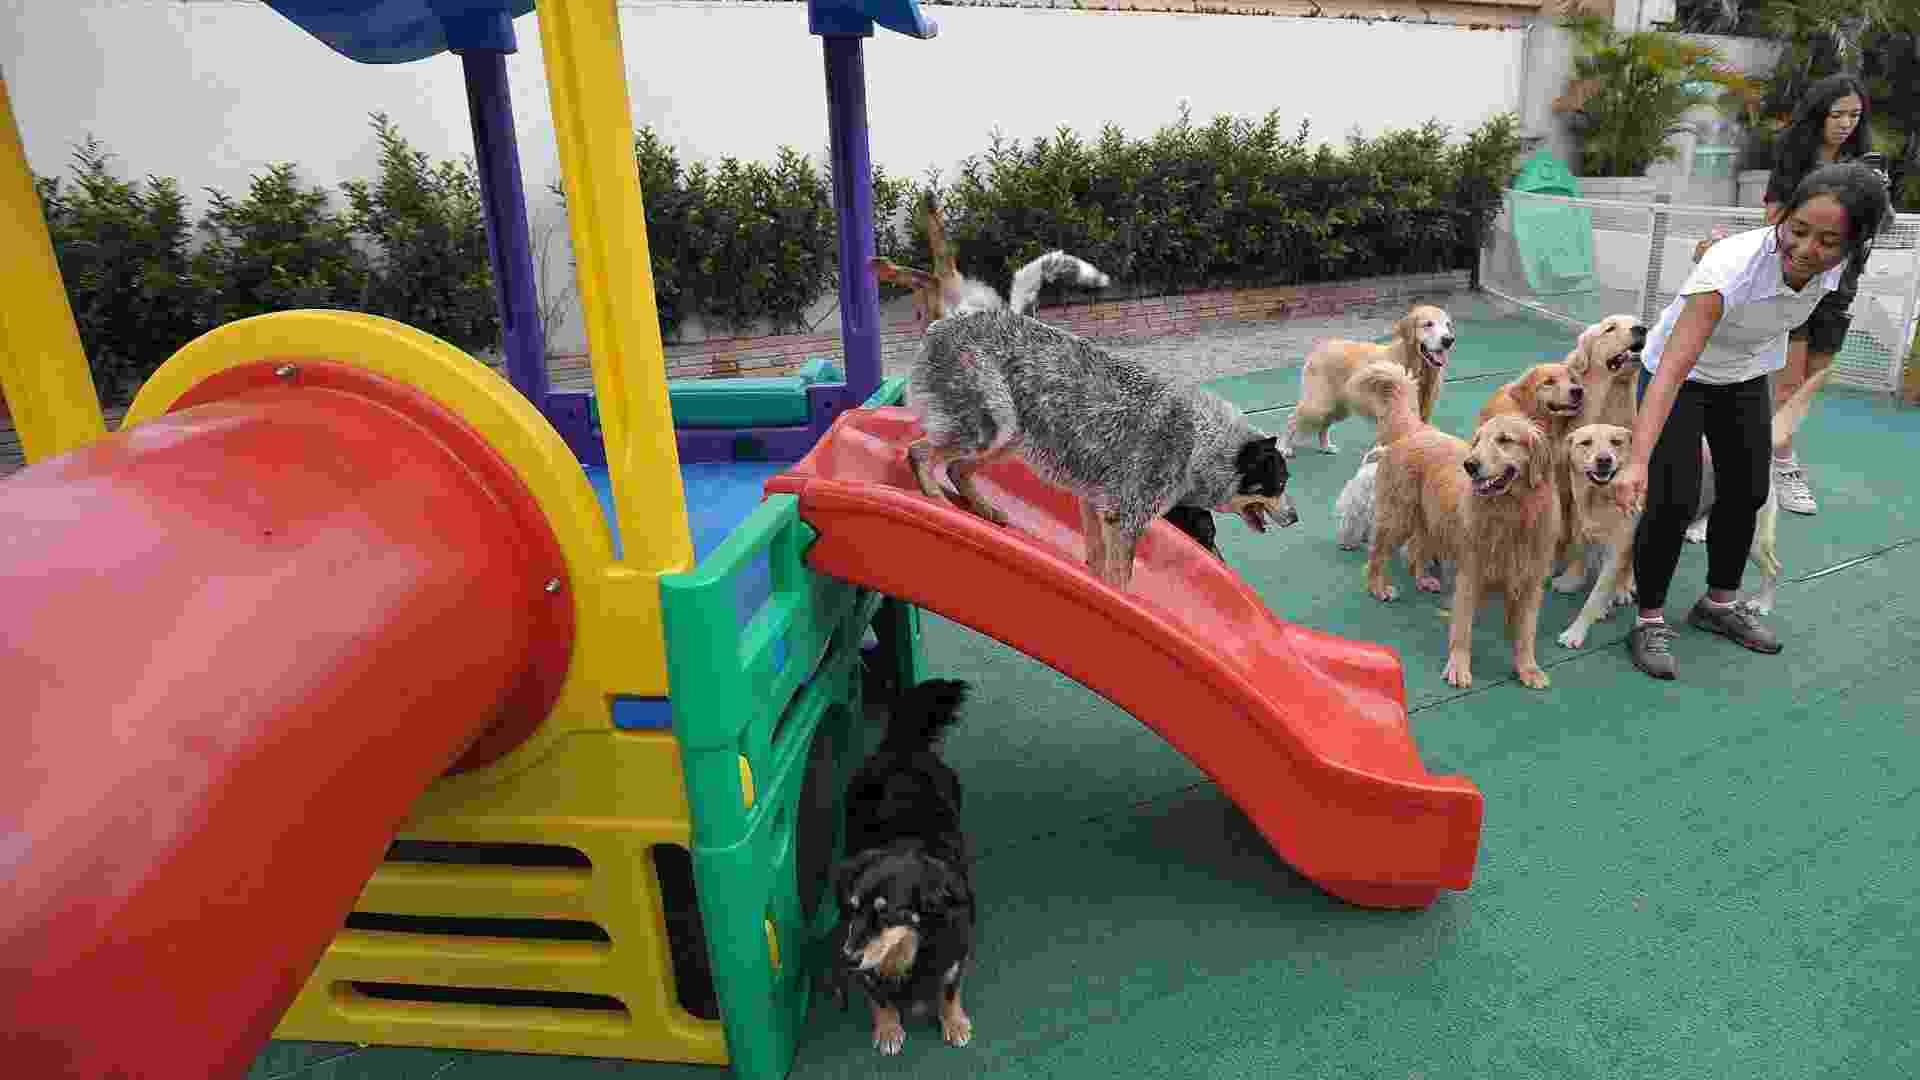 DogResort, creche para cachorros em São Paulo (SP) - Reinaldo Canato/UOL